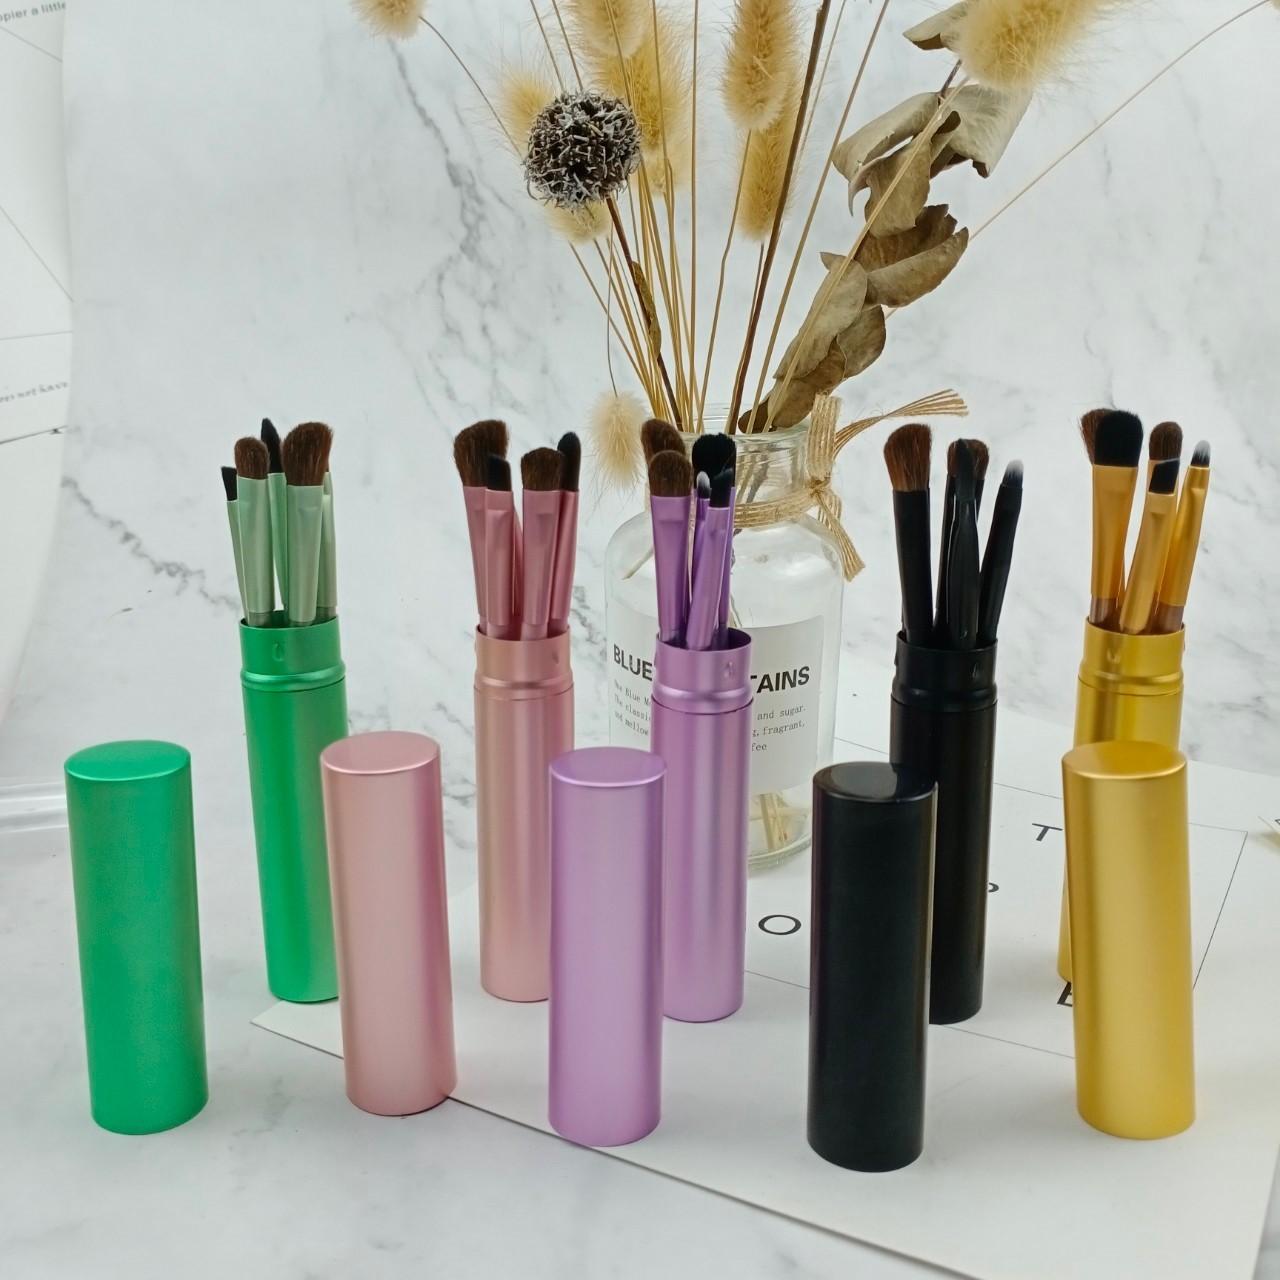 攜帶式鋁材質圓柱狀馬卡龍色系眉筆修容筆刷眼影刷細節刷彩妝用品美妝用品五支組